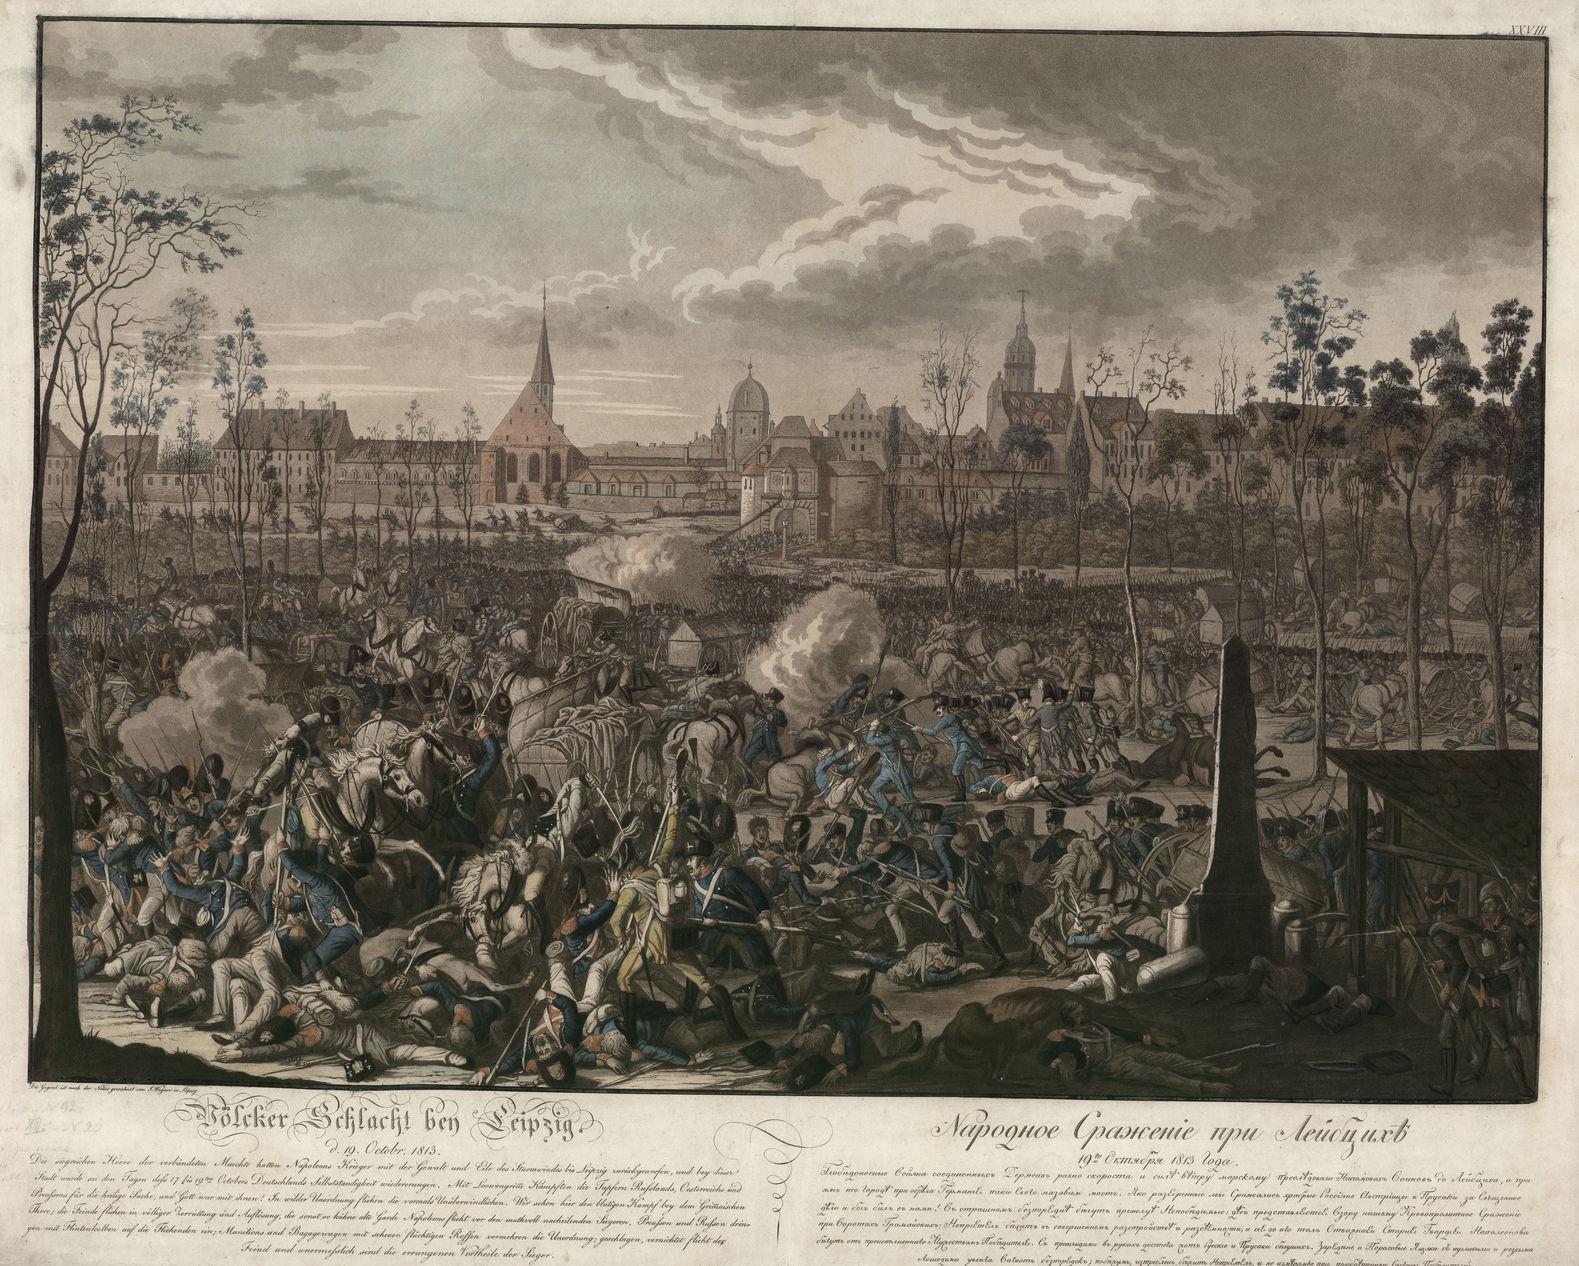 И.Ругендас по рисунку с натуры И.Вагнера Народное сражение при Лейпциге. 1813 г.